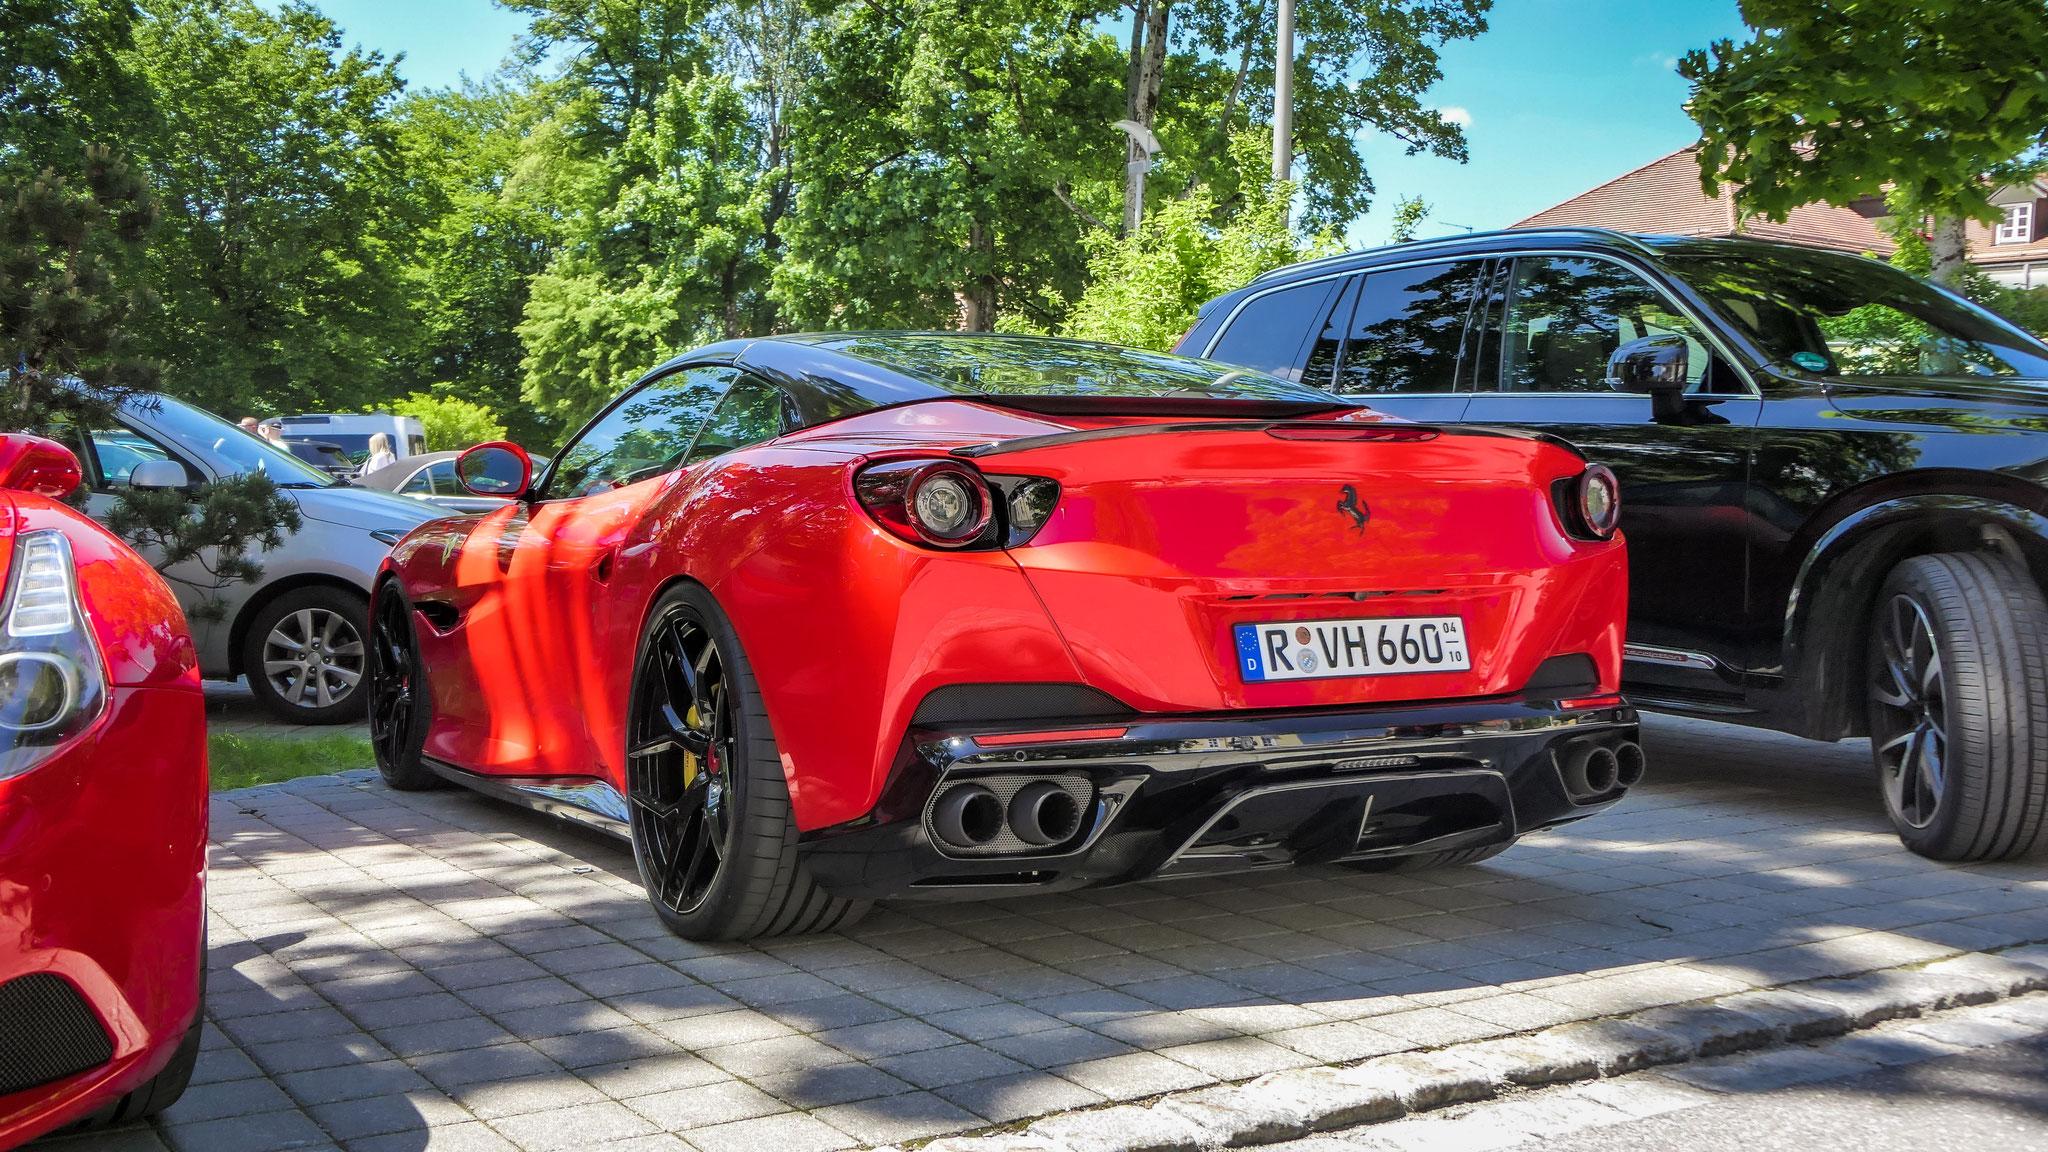 Ferrari Portofino - R-VH-660